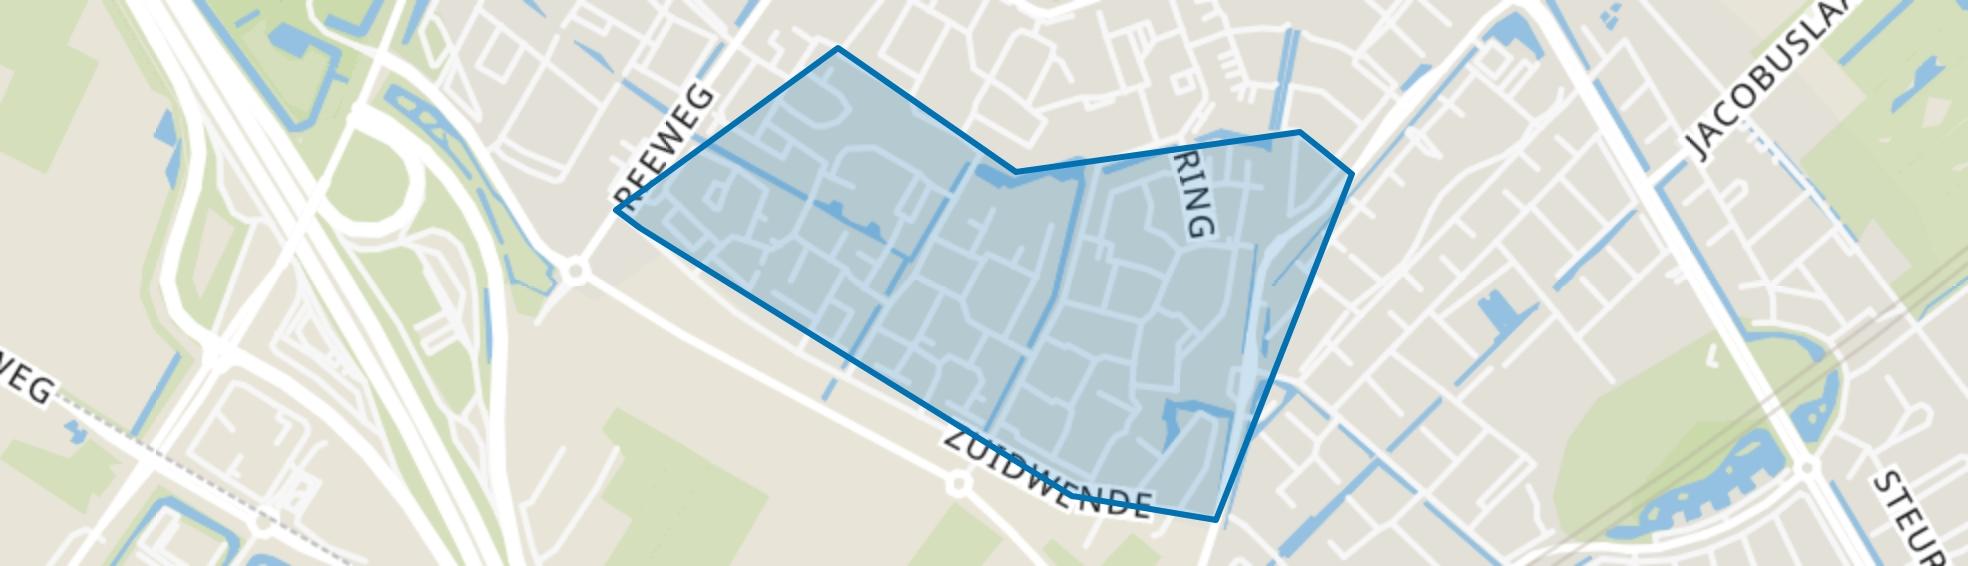 Krommeweg-Zuid, Hendrik-Ido-Ambacht map